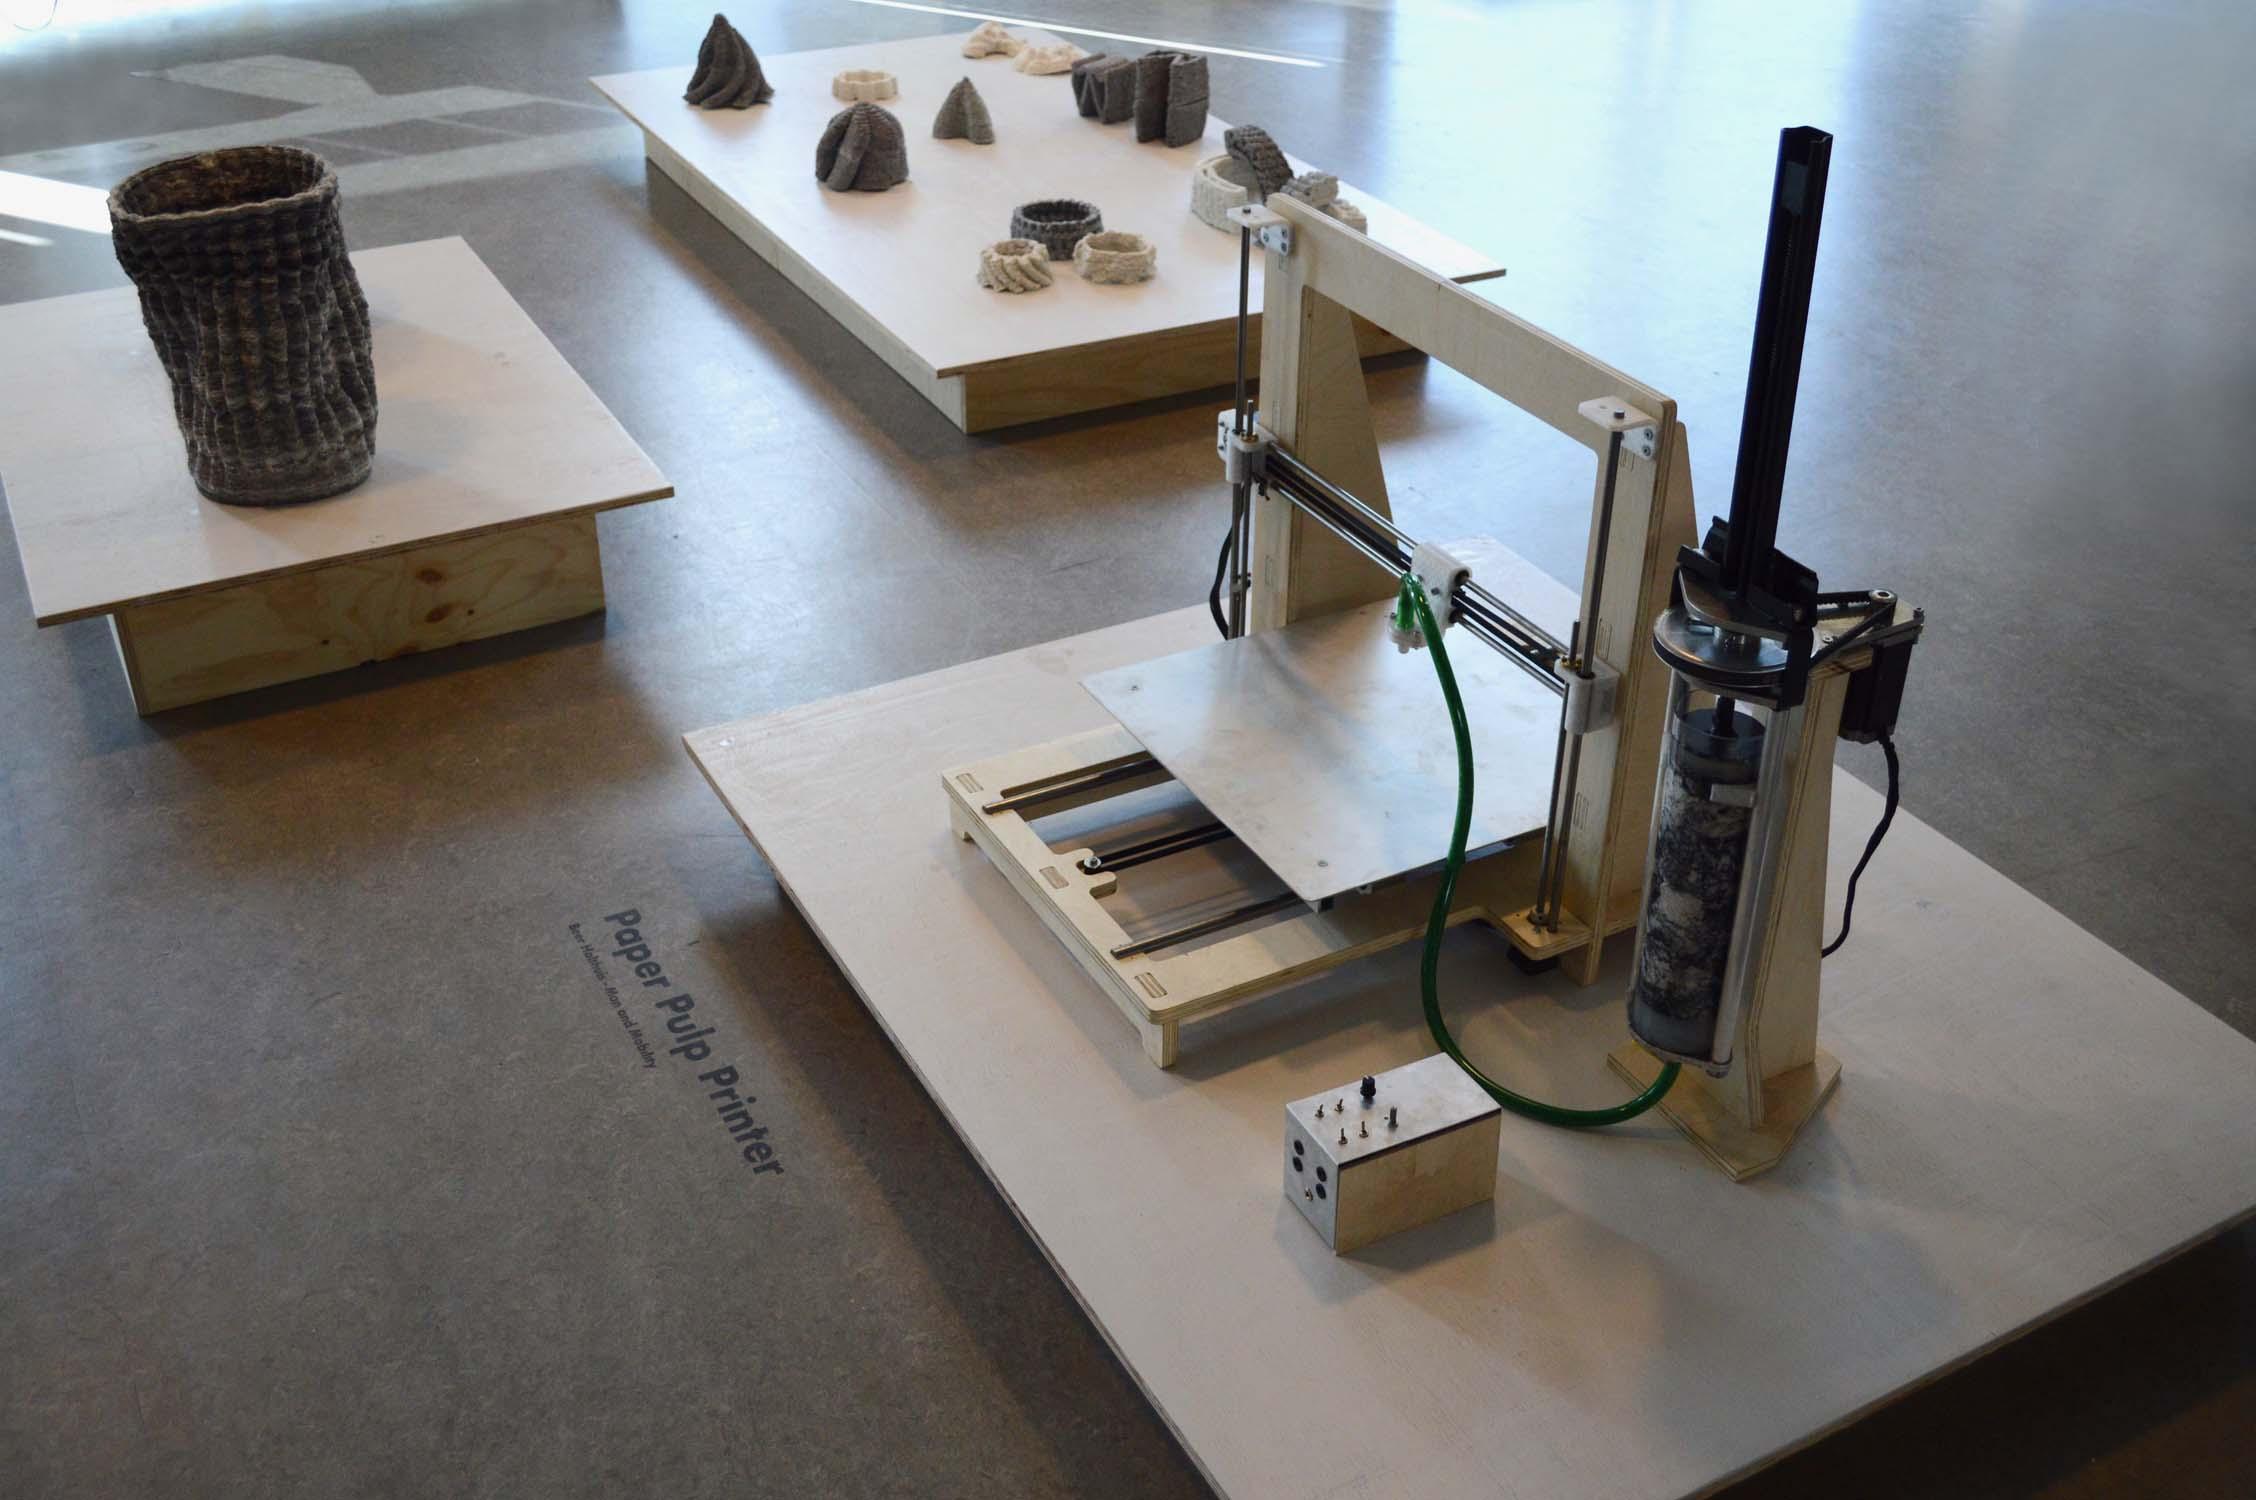 3D printing barcelona and mexico, Beer Holthius, Paper Pulp Printer, paper reciclado, reciclaje, Curso impresión 3D